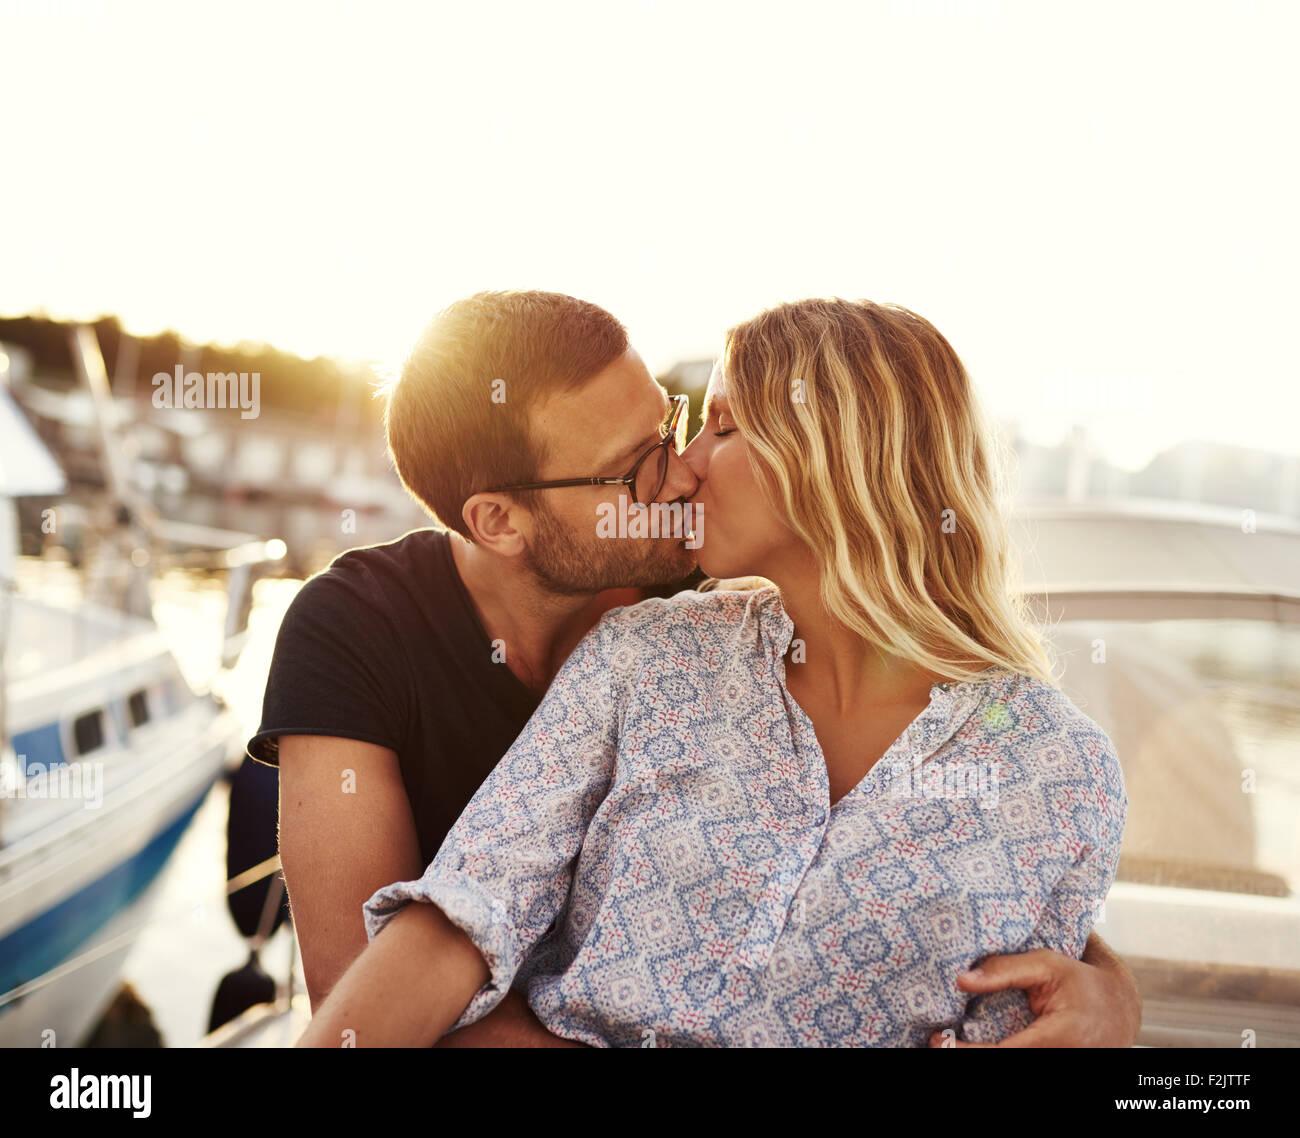 Un hombre y una mujer besándose en un barco, puesta de sol Imagen De Stock